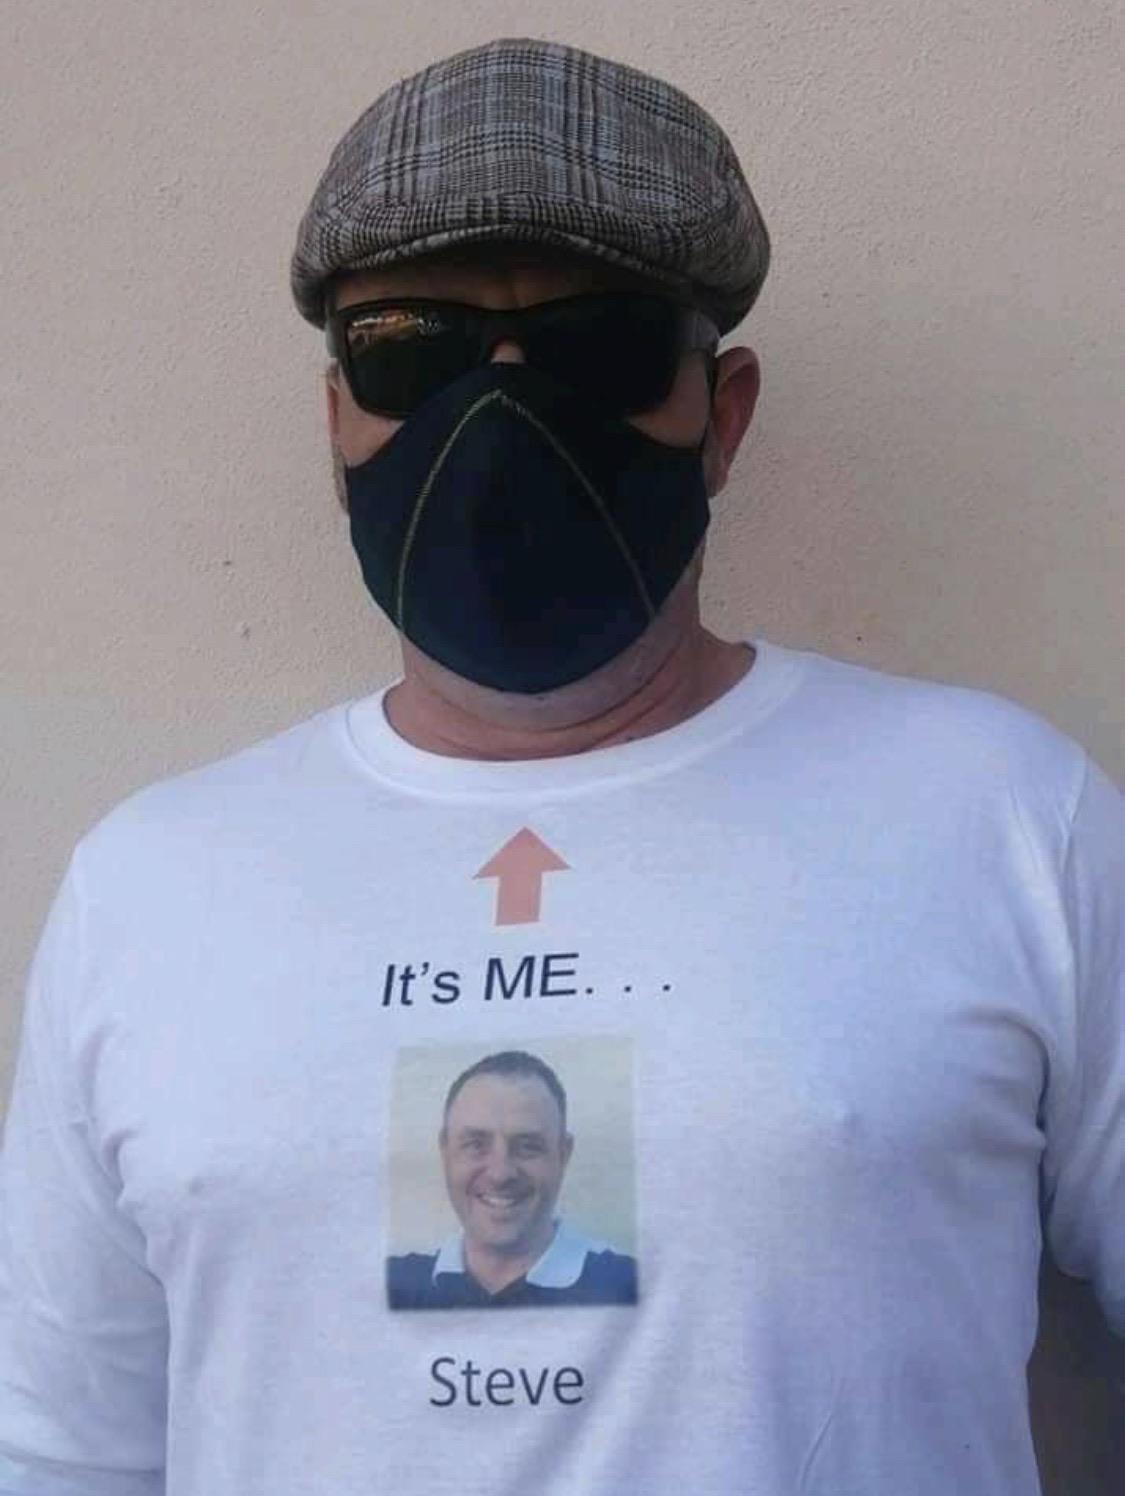 Camiseta con tu cara para que la gente sepa cómo eres sin mascarilla